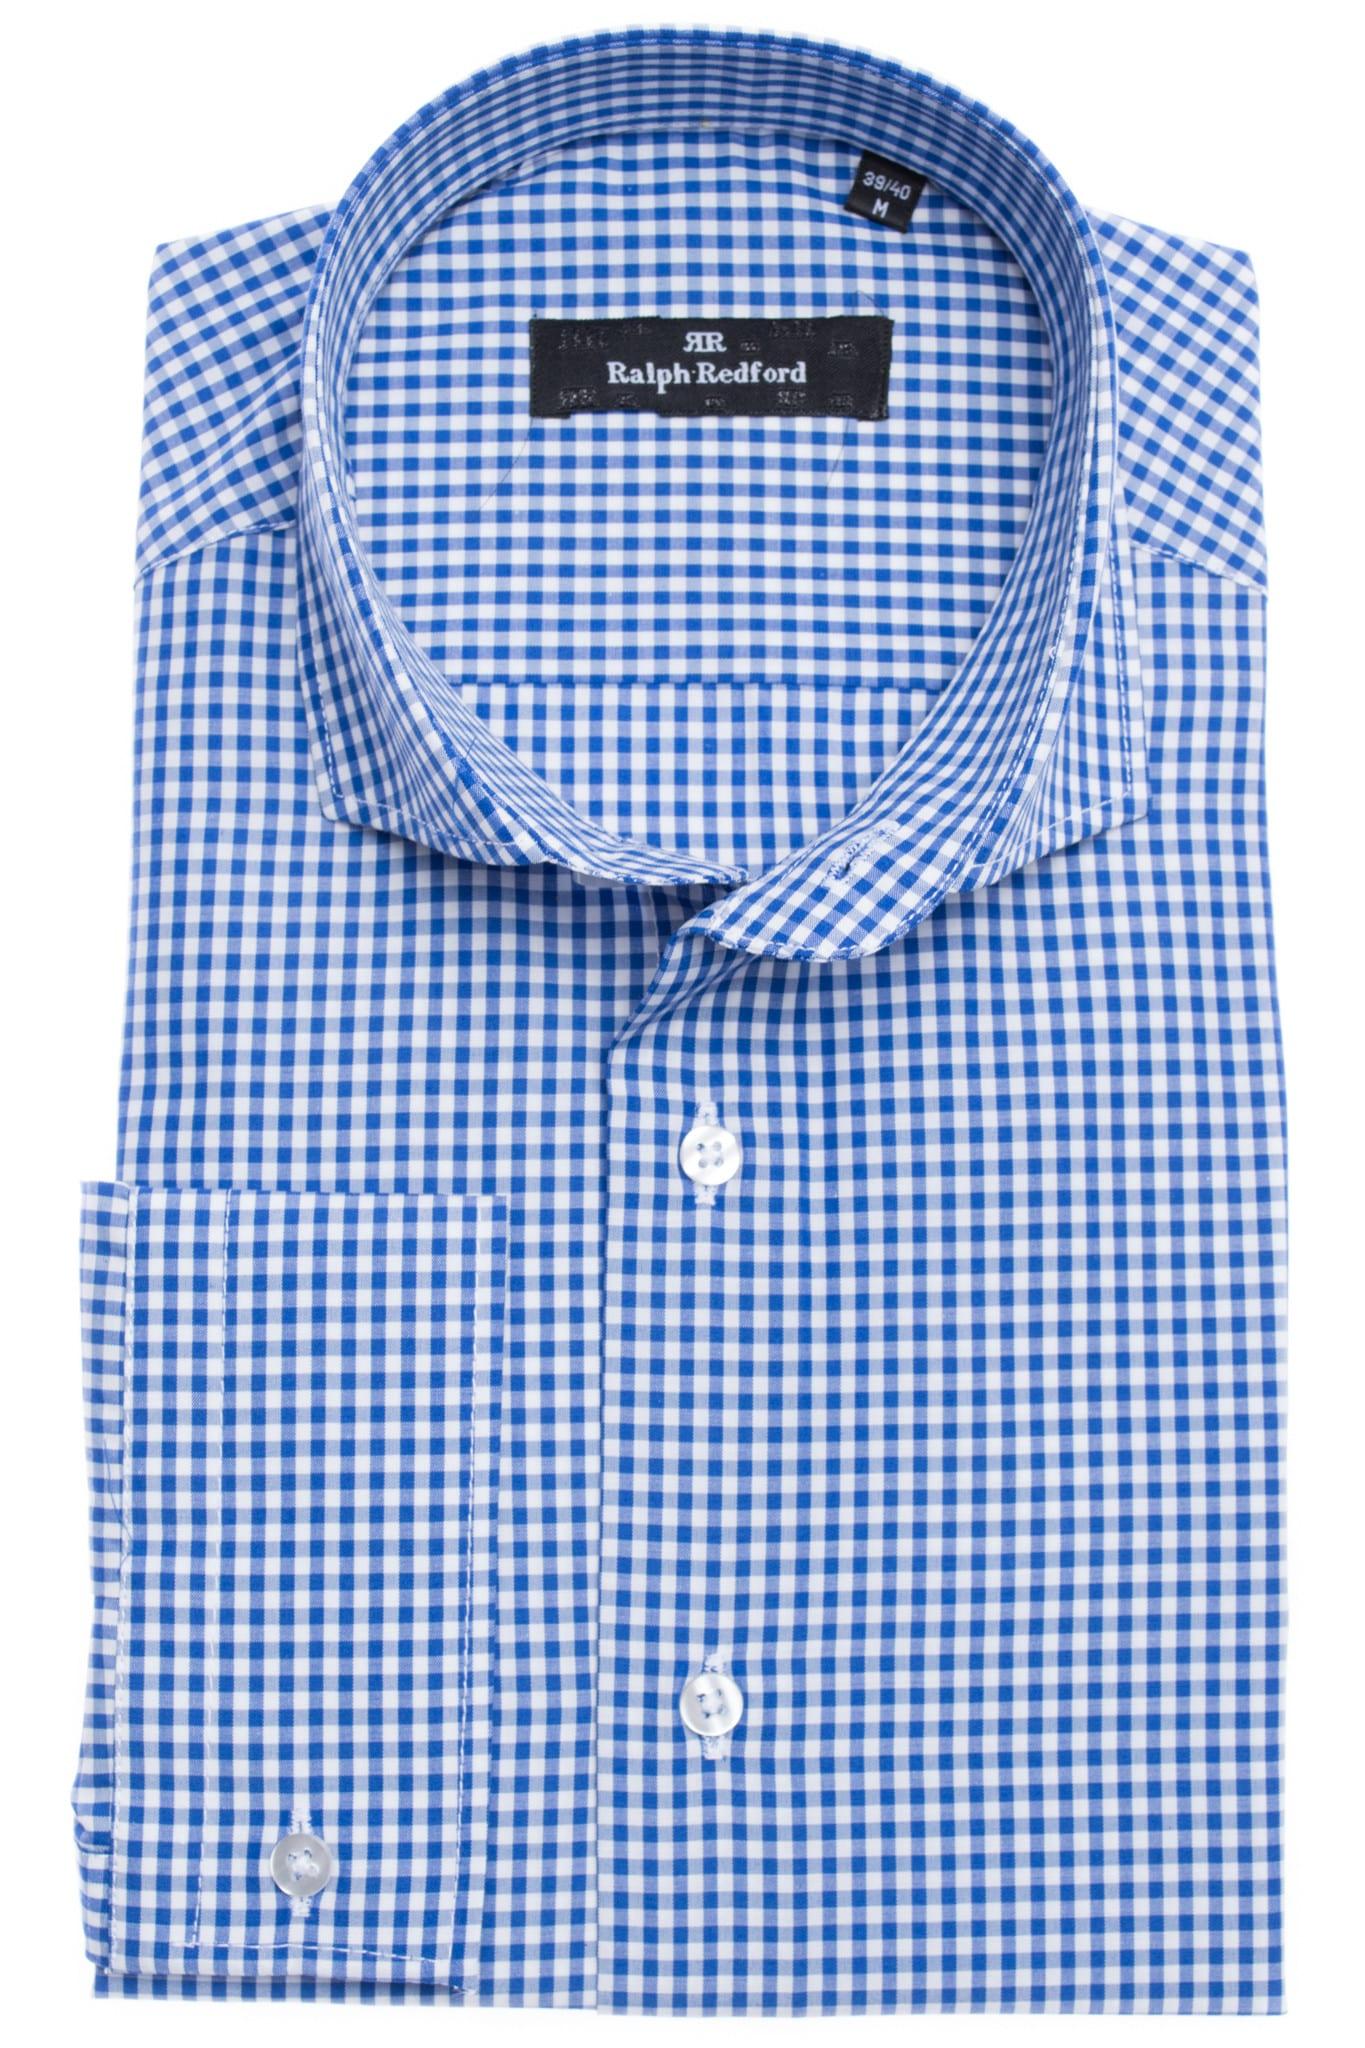 00dbd36000 Ralph Redford Kék Kockás Ing - Elite Fashion Öltönyház